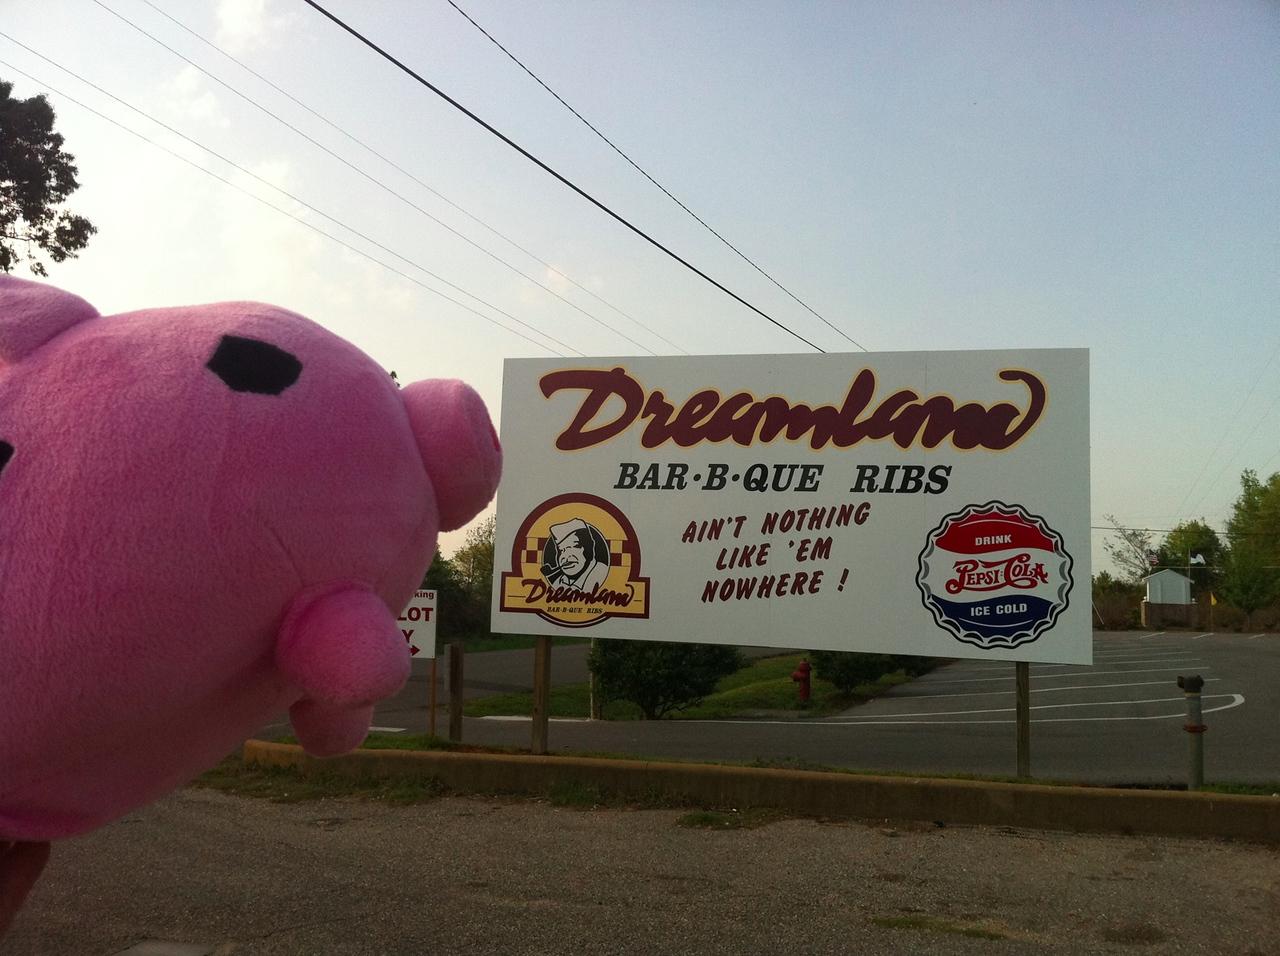 Dreamland BBQ Ribs